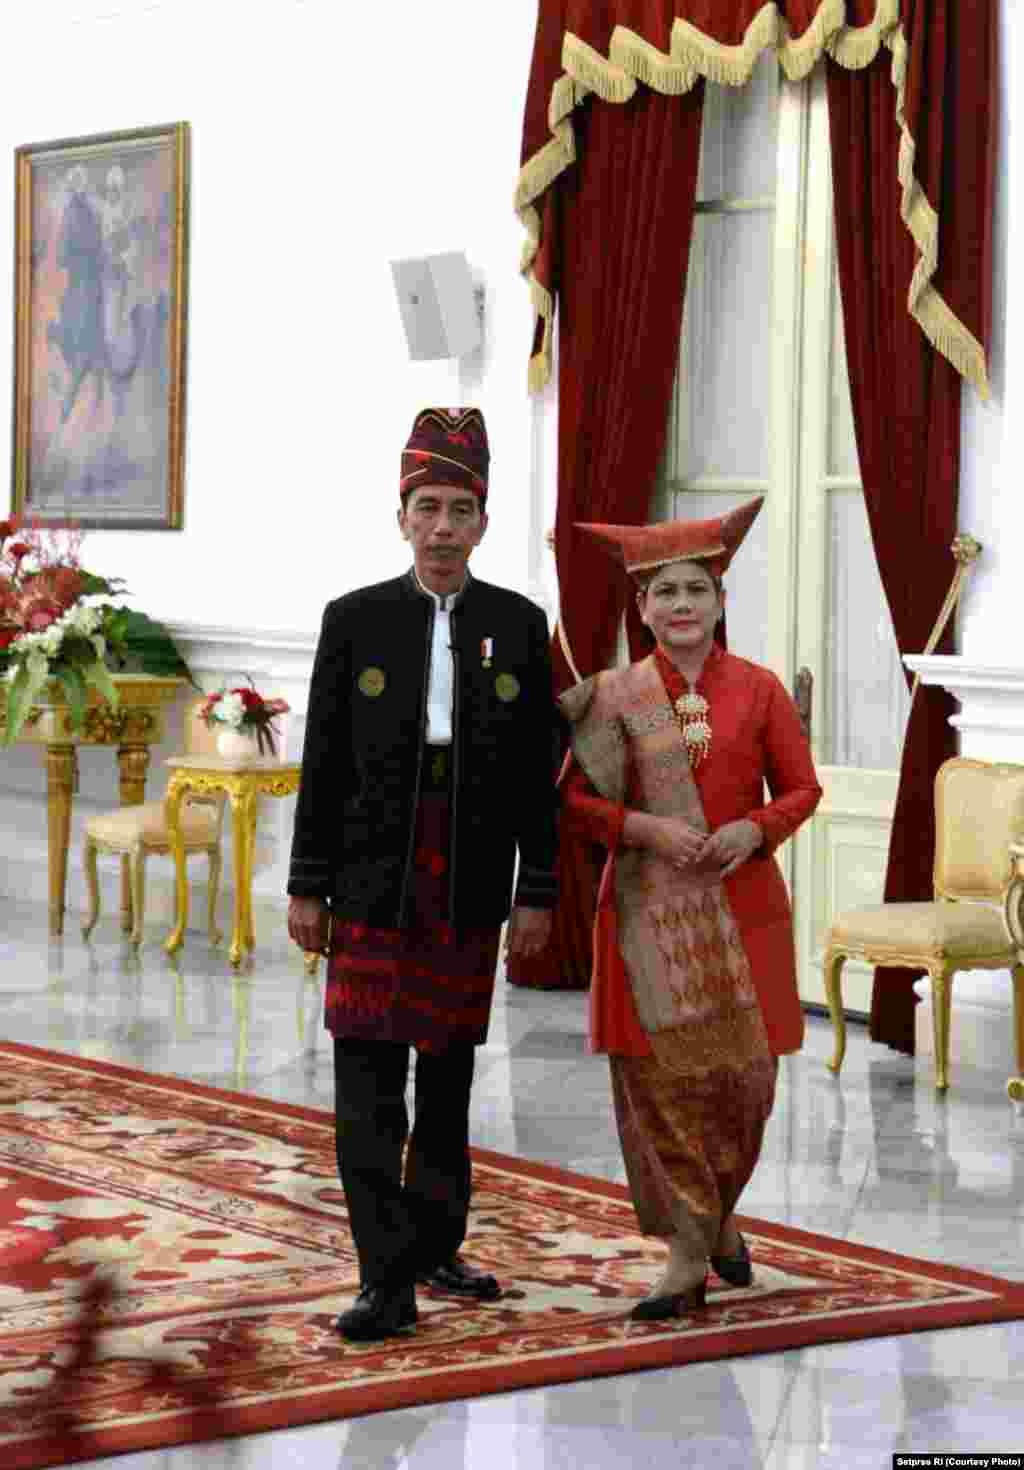 Presiden Jokowi yang mengenakan pakaian tradisional Tanah Bumbu Kalimantan Selatan, dan Ibu Negara Iriana mengenakan pakaian Minang Sumatera Barat, siap memimpin upacara bendera dan menyambut tamu di Istana Merdeka Jakarta, 17 Agustus 2017. (Courtesy: Setpres RI)